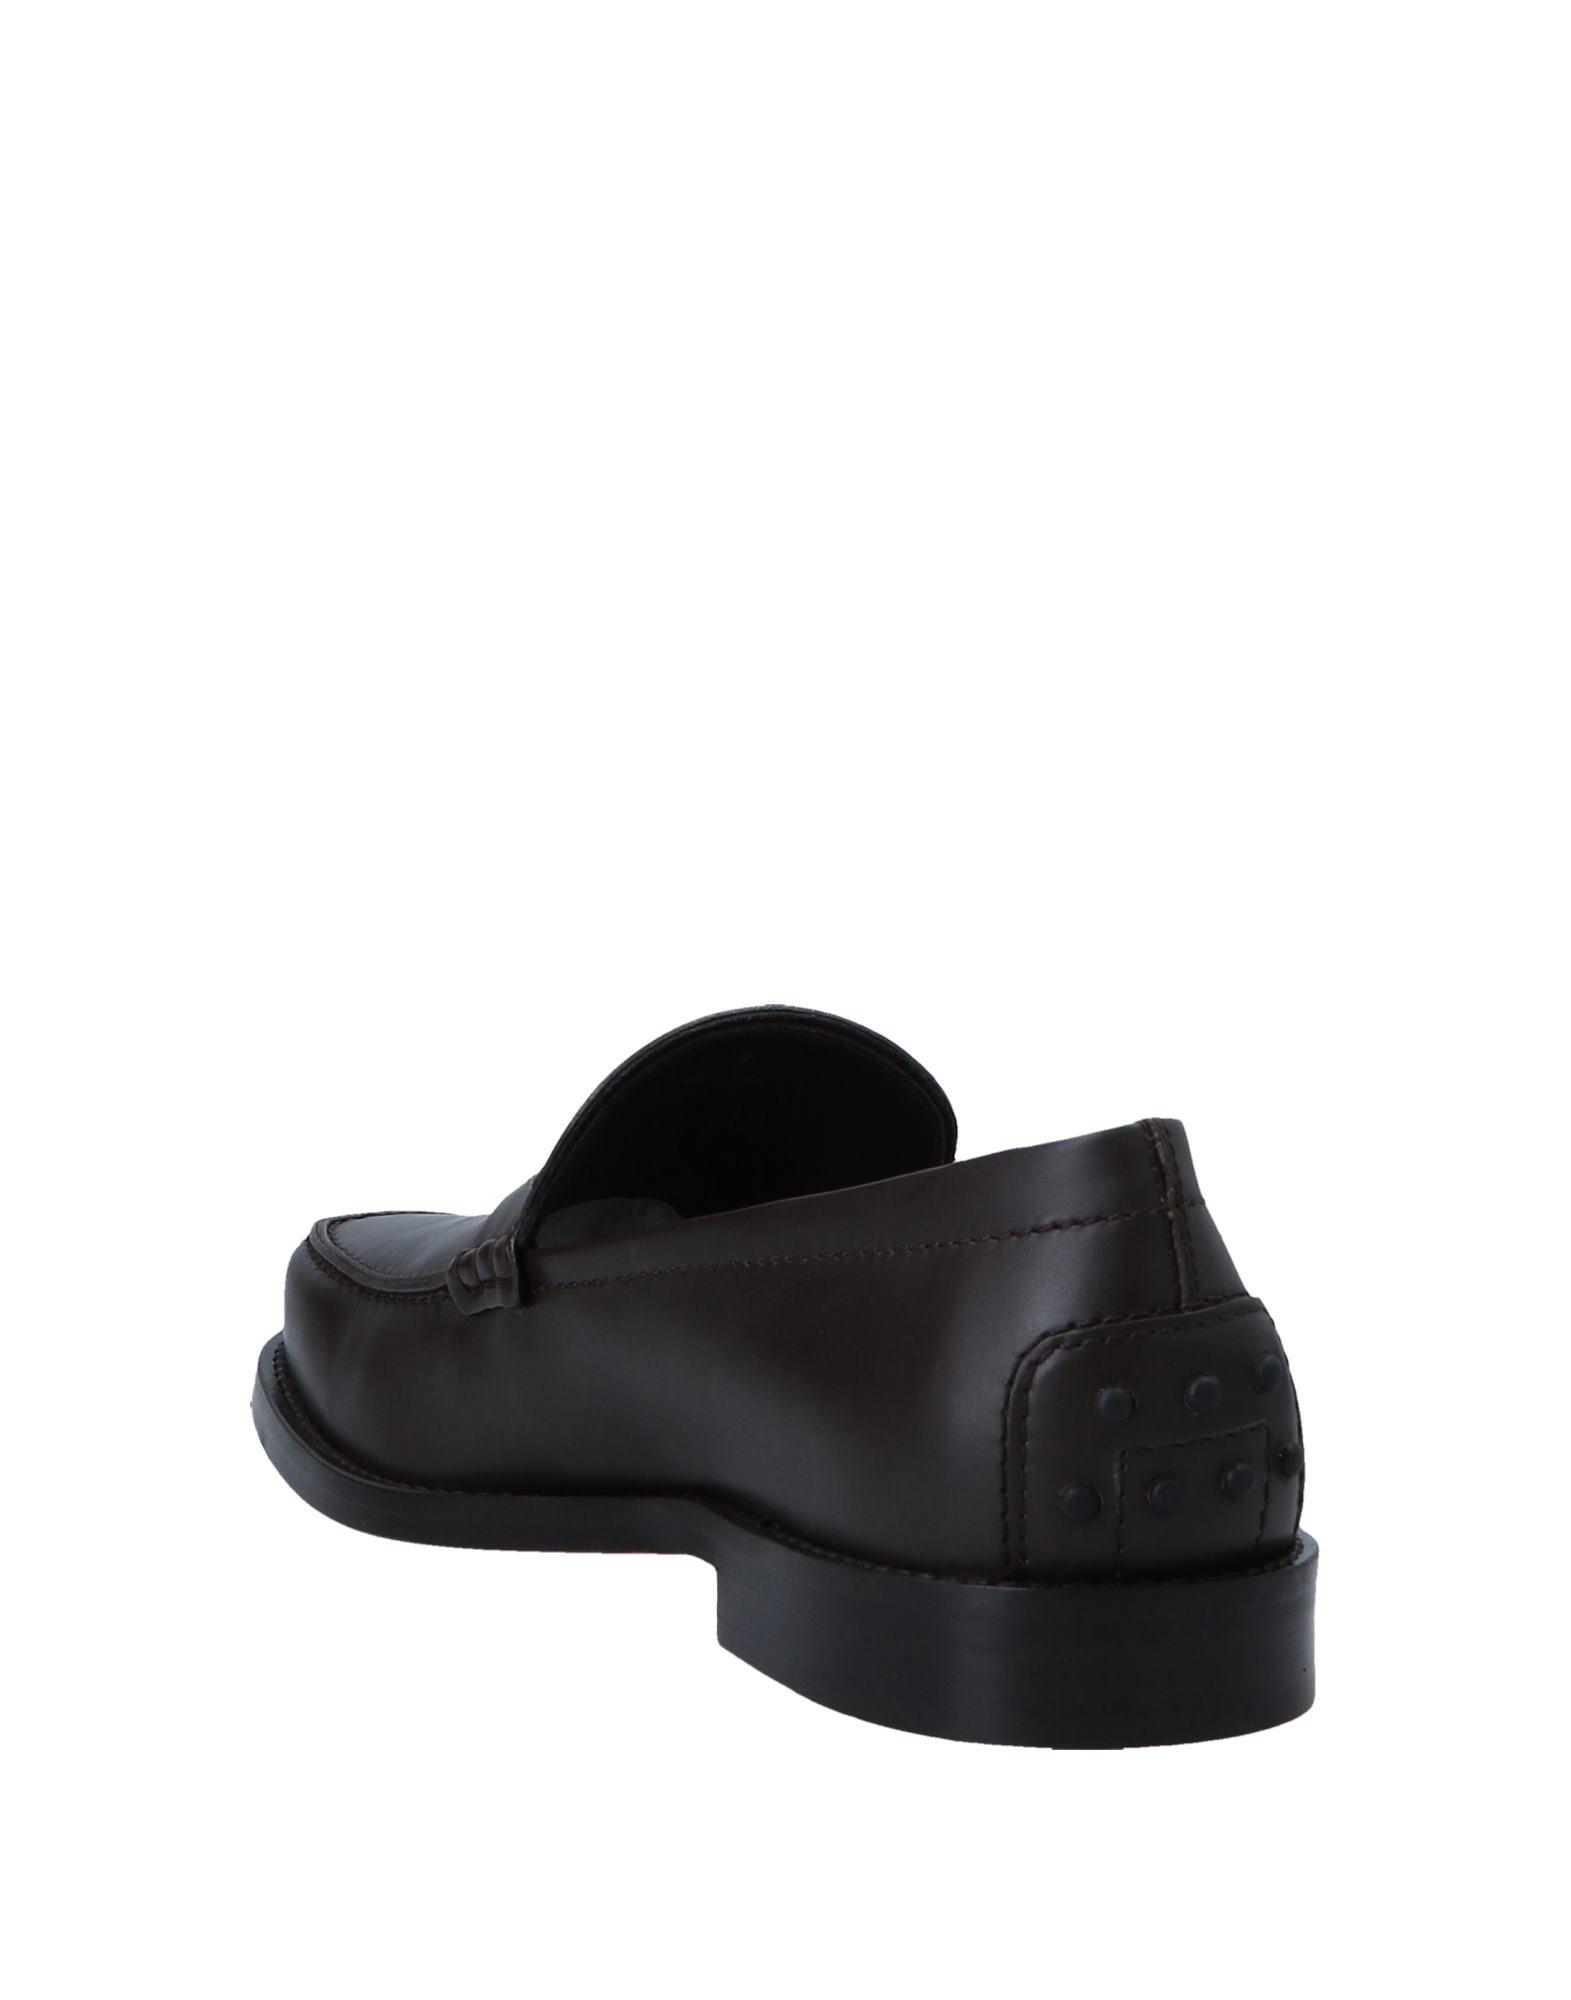 Tod's Mokassins Herren Qualität  11549193HE Gute Qualität Herren beliebte Schuhe e3e3eb